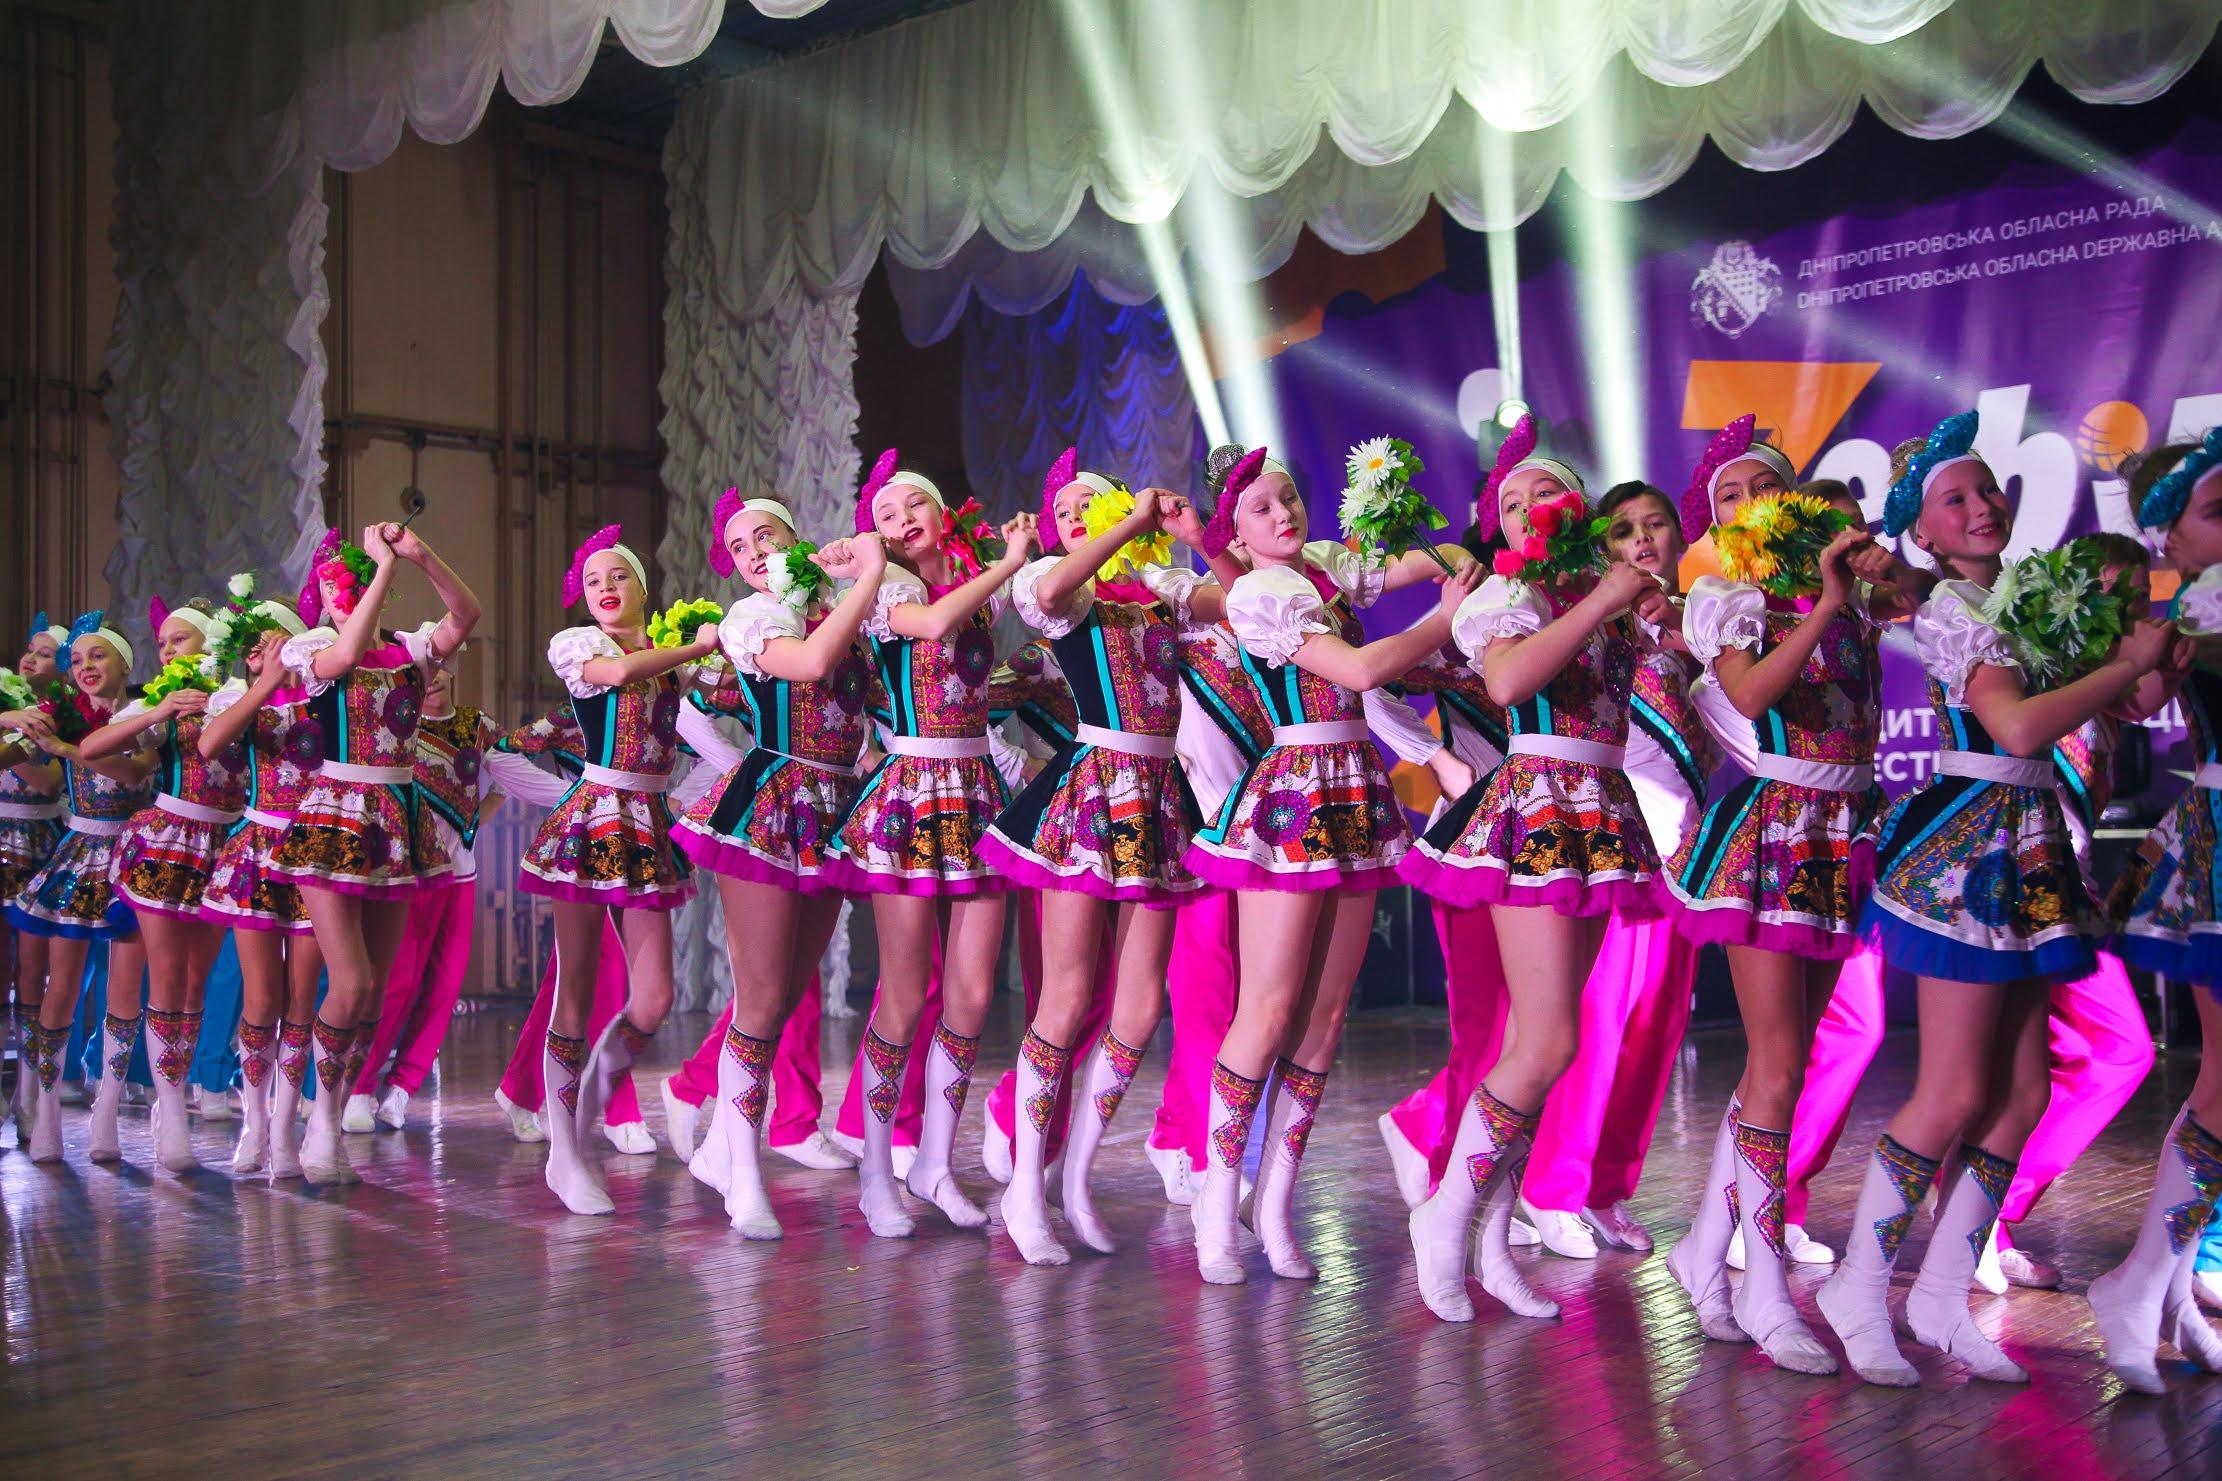 Павлоградський ансамбль «Юність» на сцені – не вперше